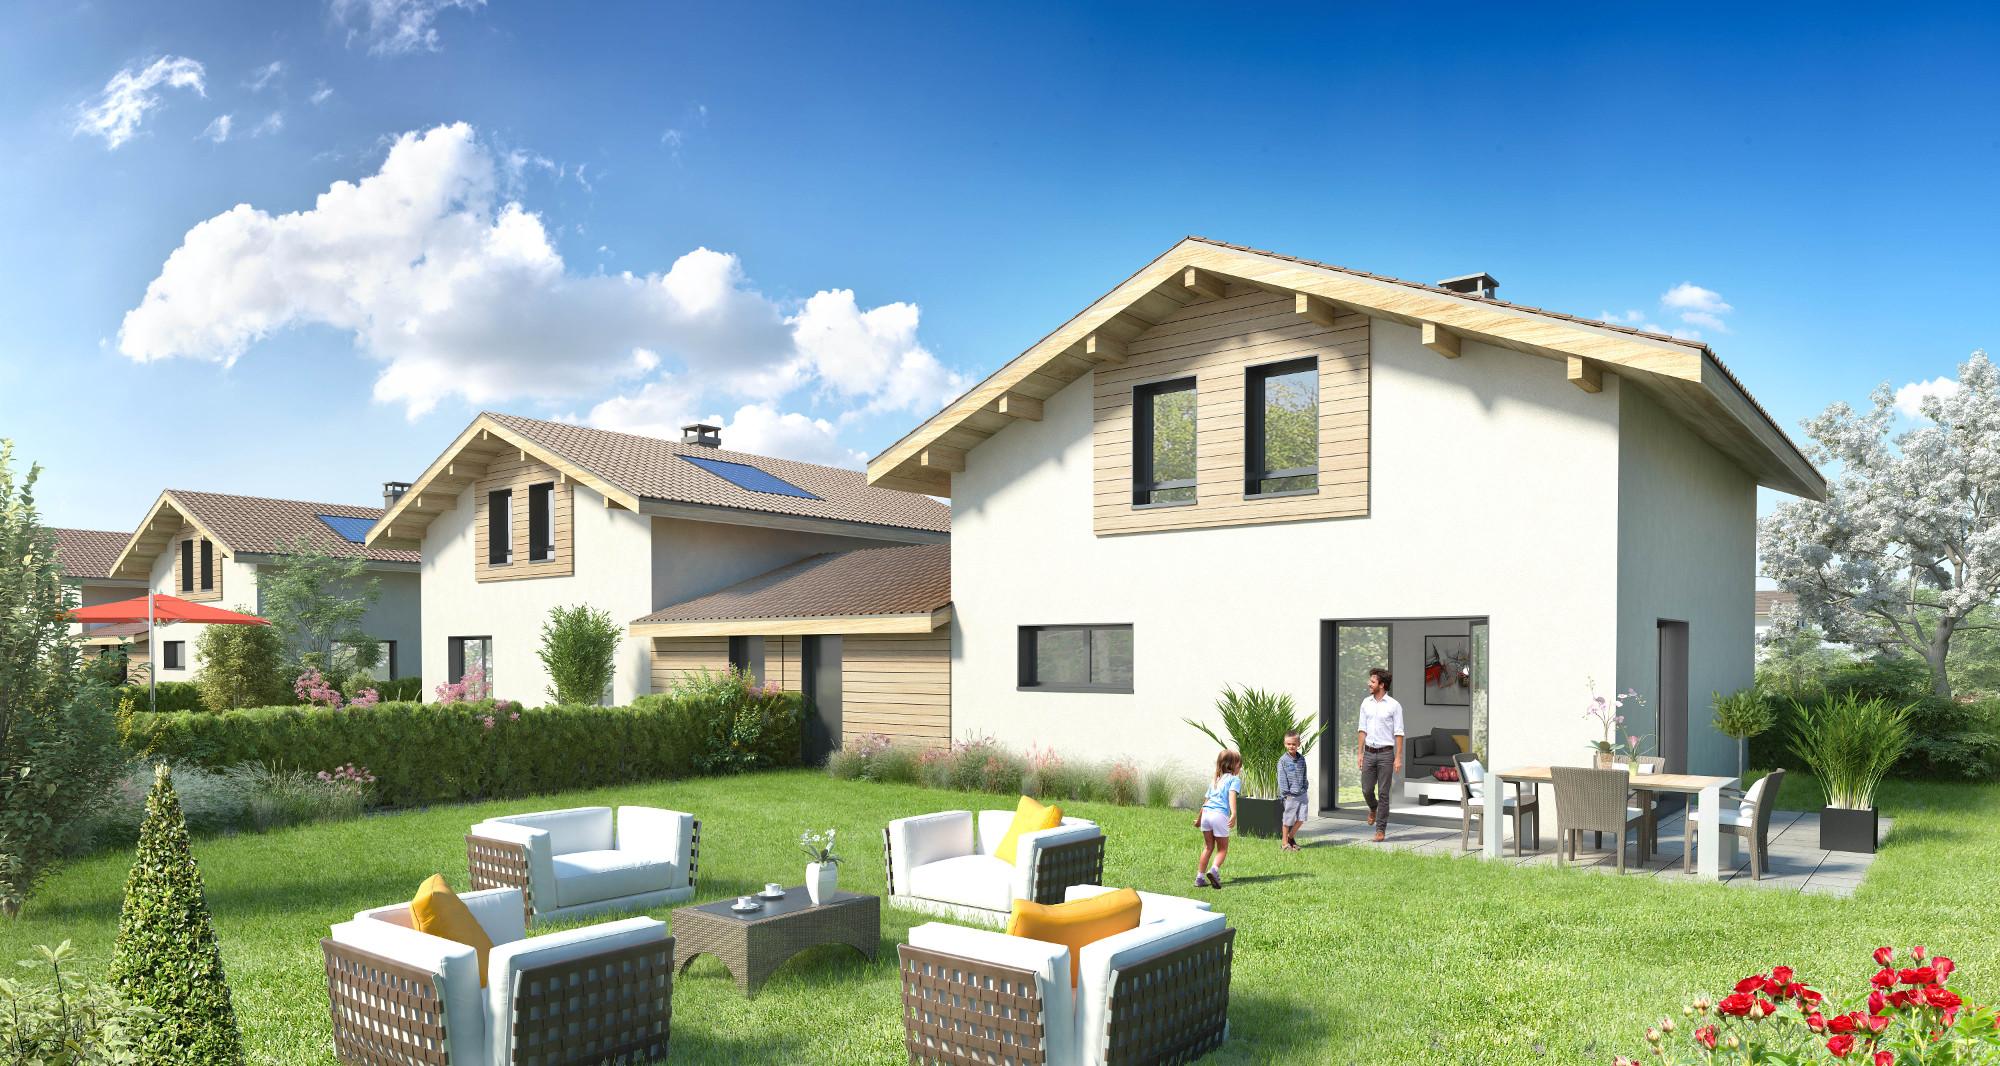 Projet Le Village des Muses, un exemple d'investissement de crowdfunding en obligation immobilière financé sur Fundimmo.com